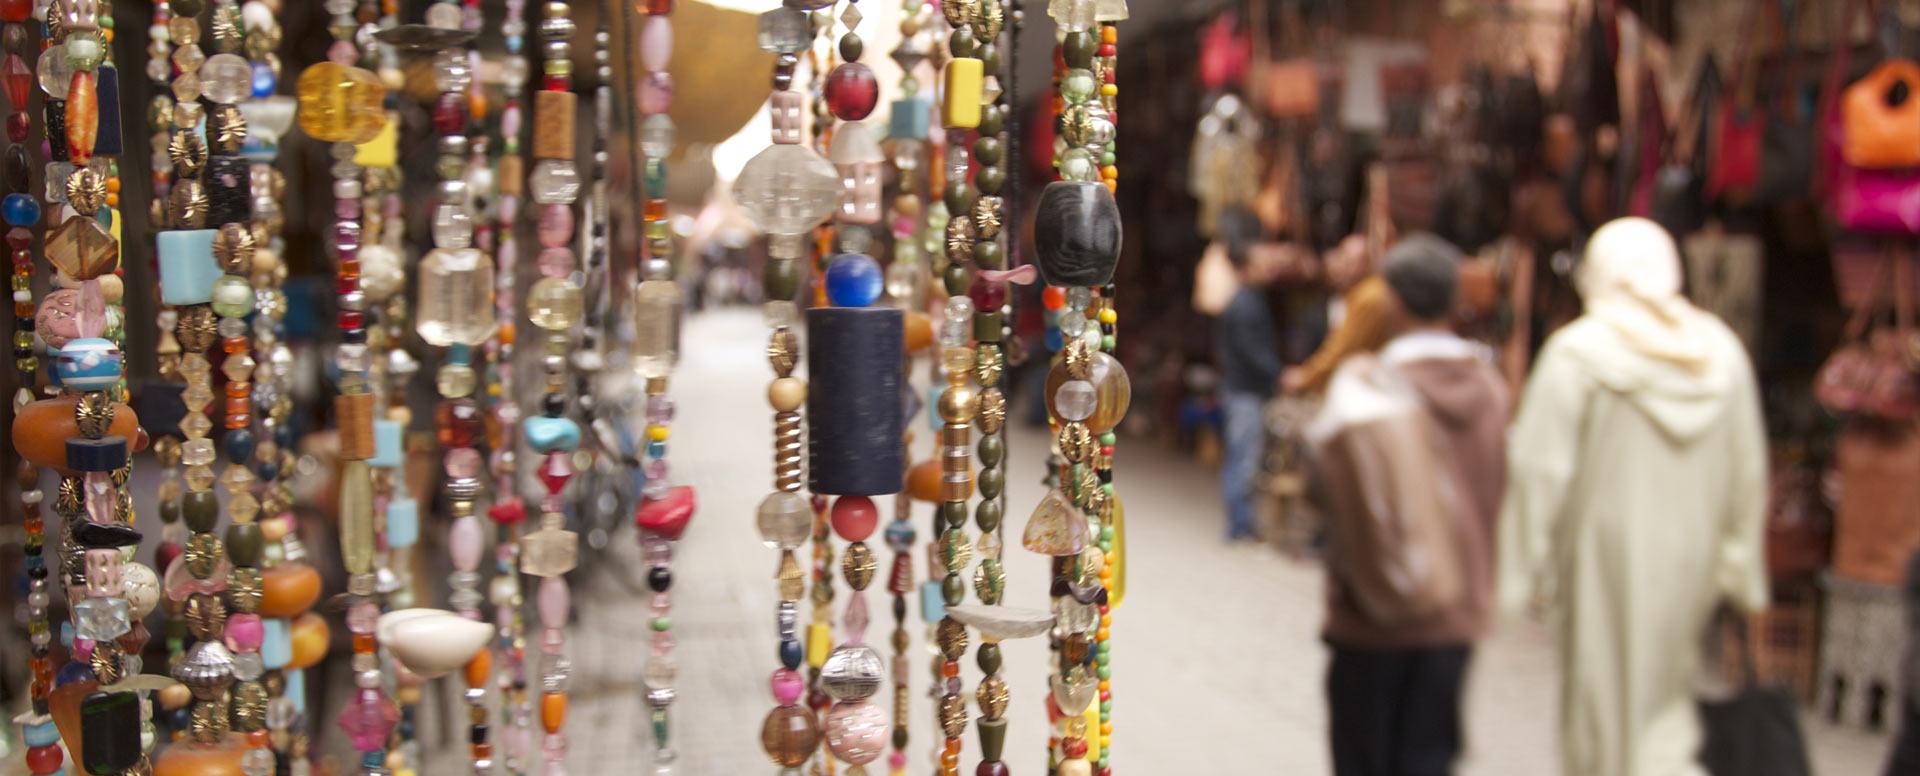 4. Flâner dans la médina et faire des achats dans les souks - Marrakech